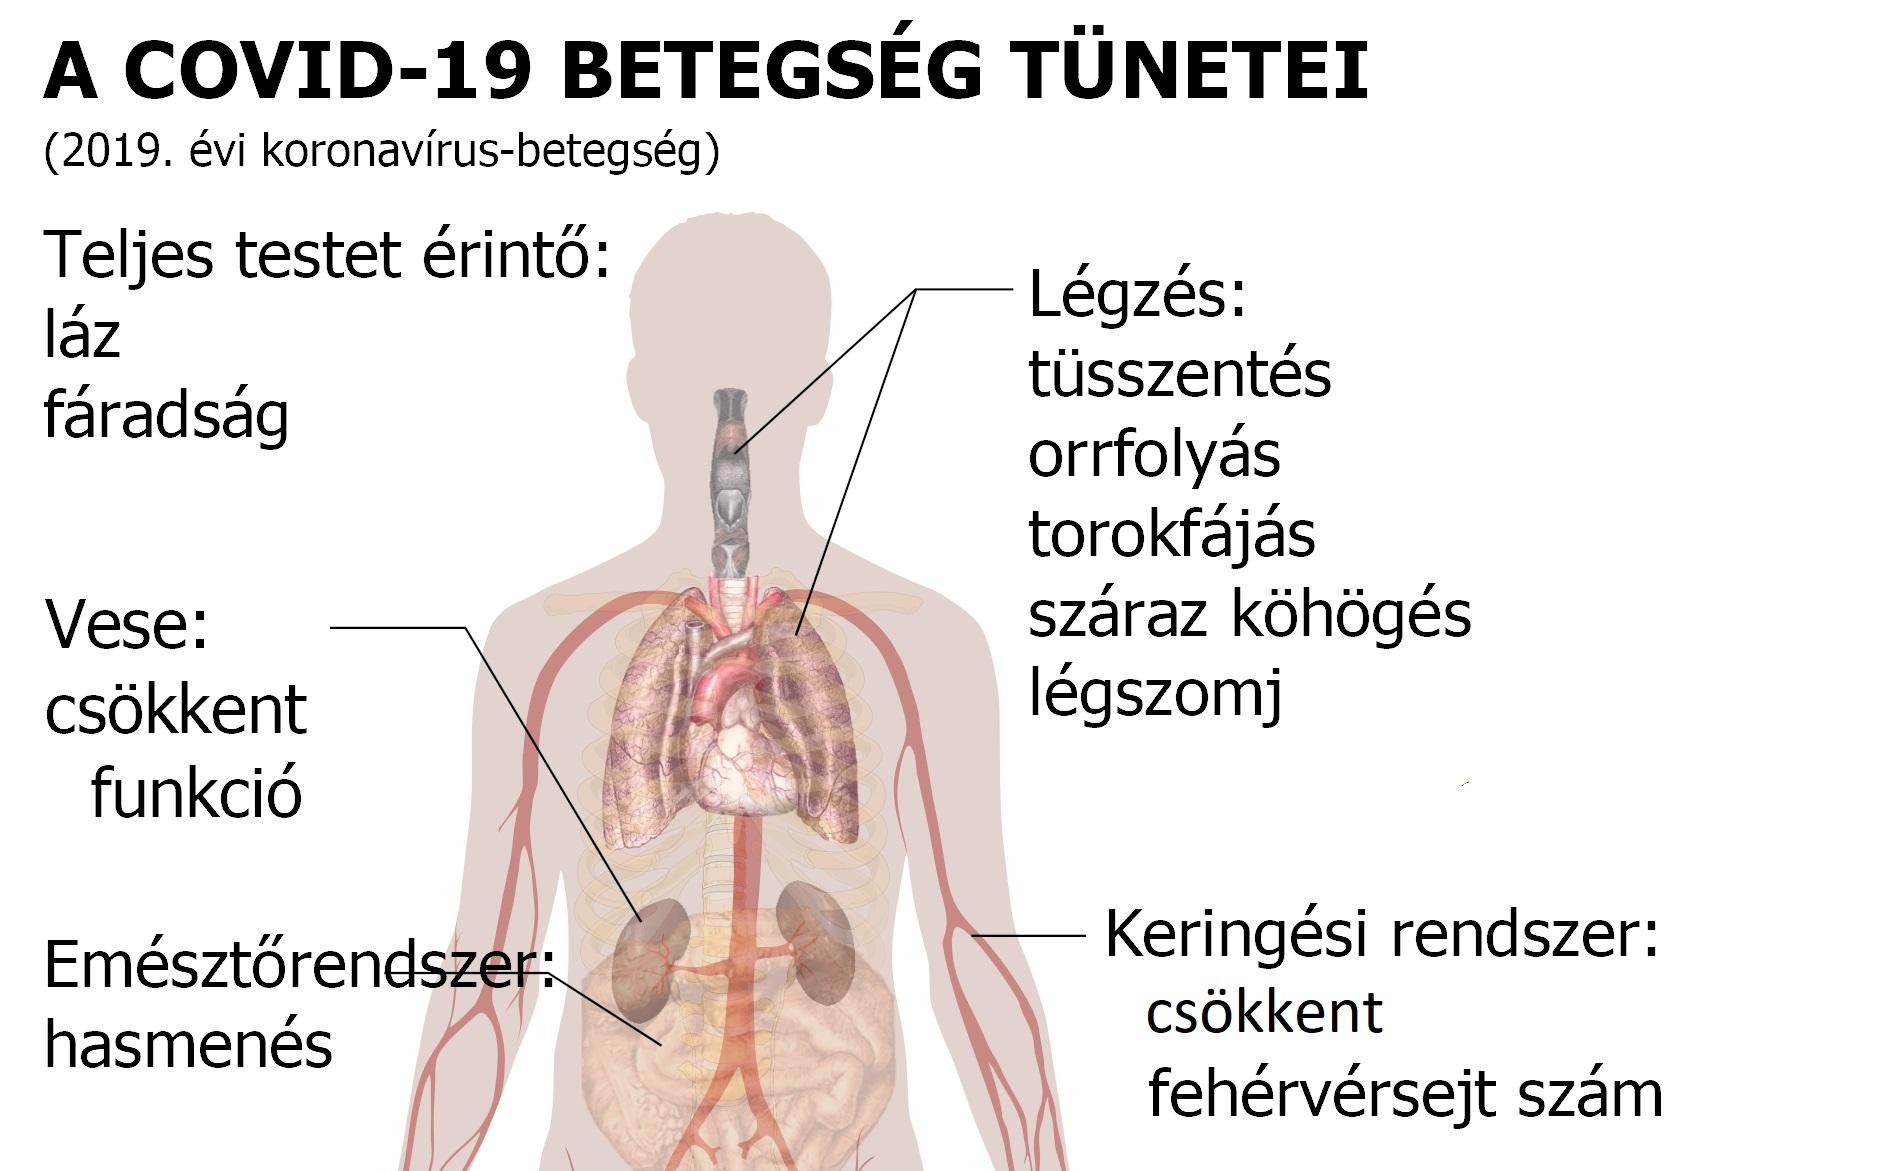 a vese magas vérnyomásának jelei lehetnek magas vérnyomás tud-e sok vizet inni